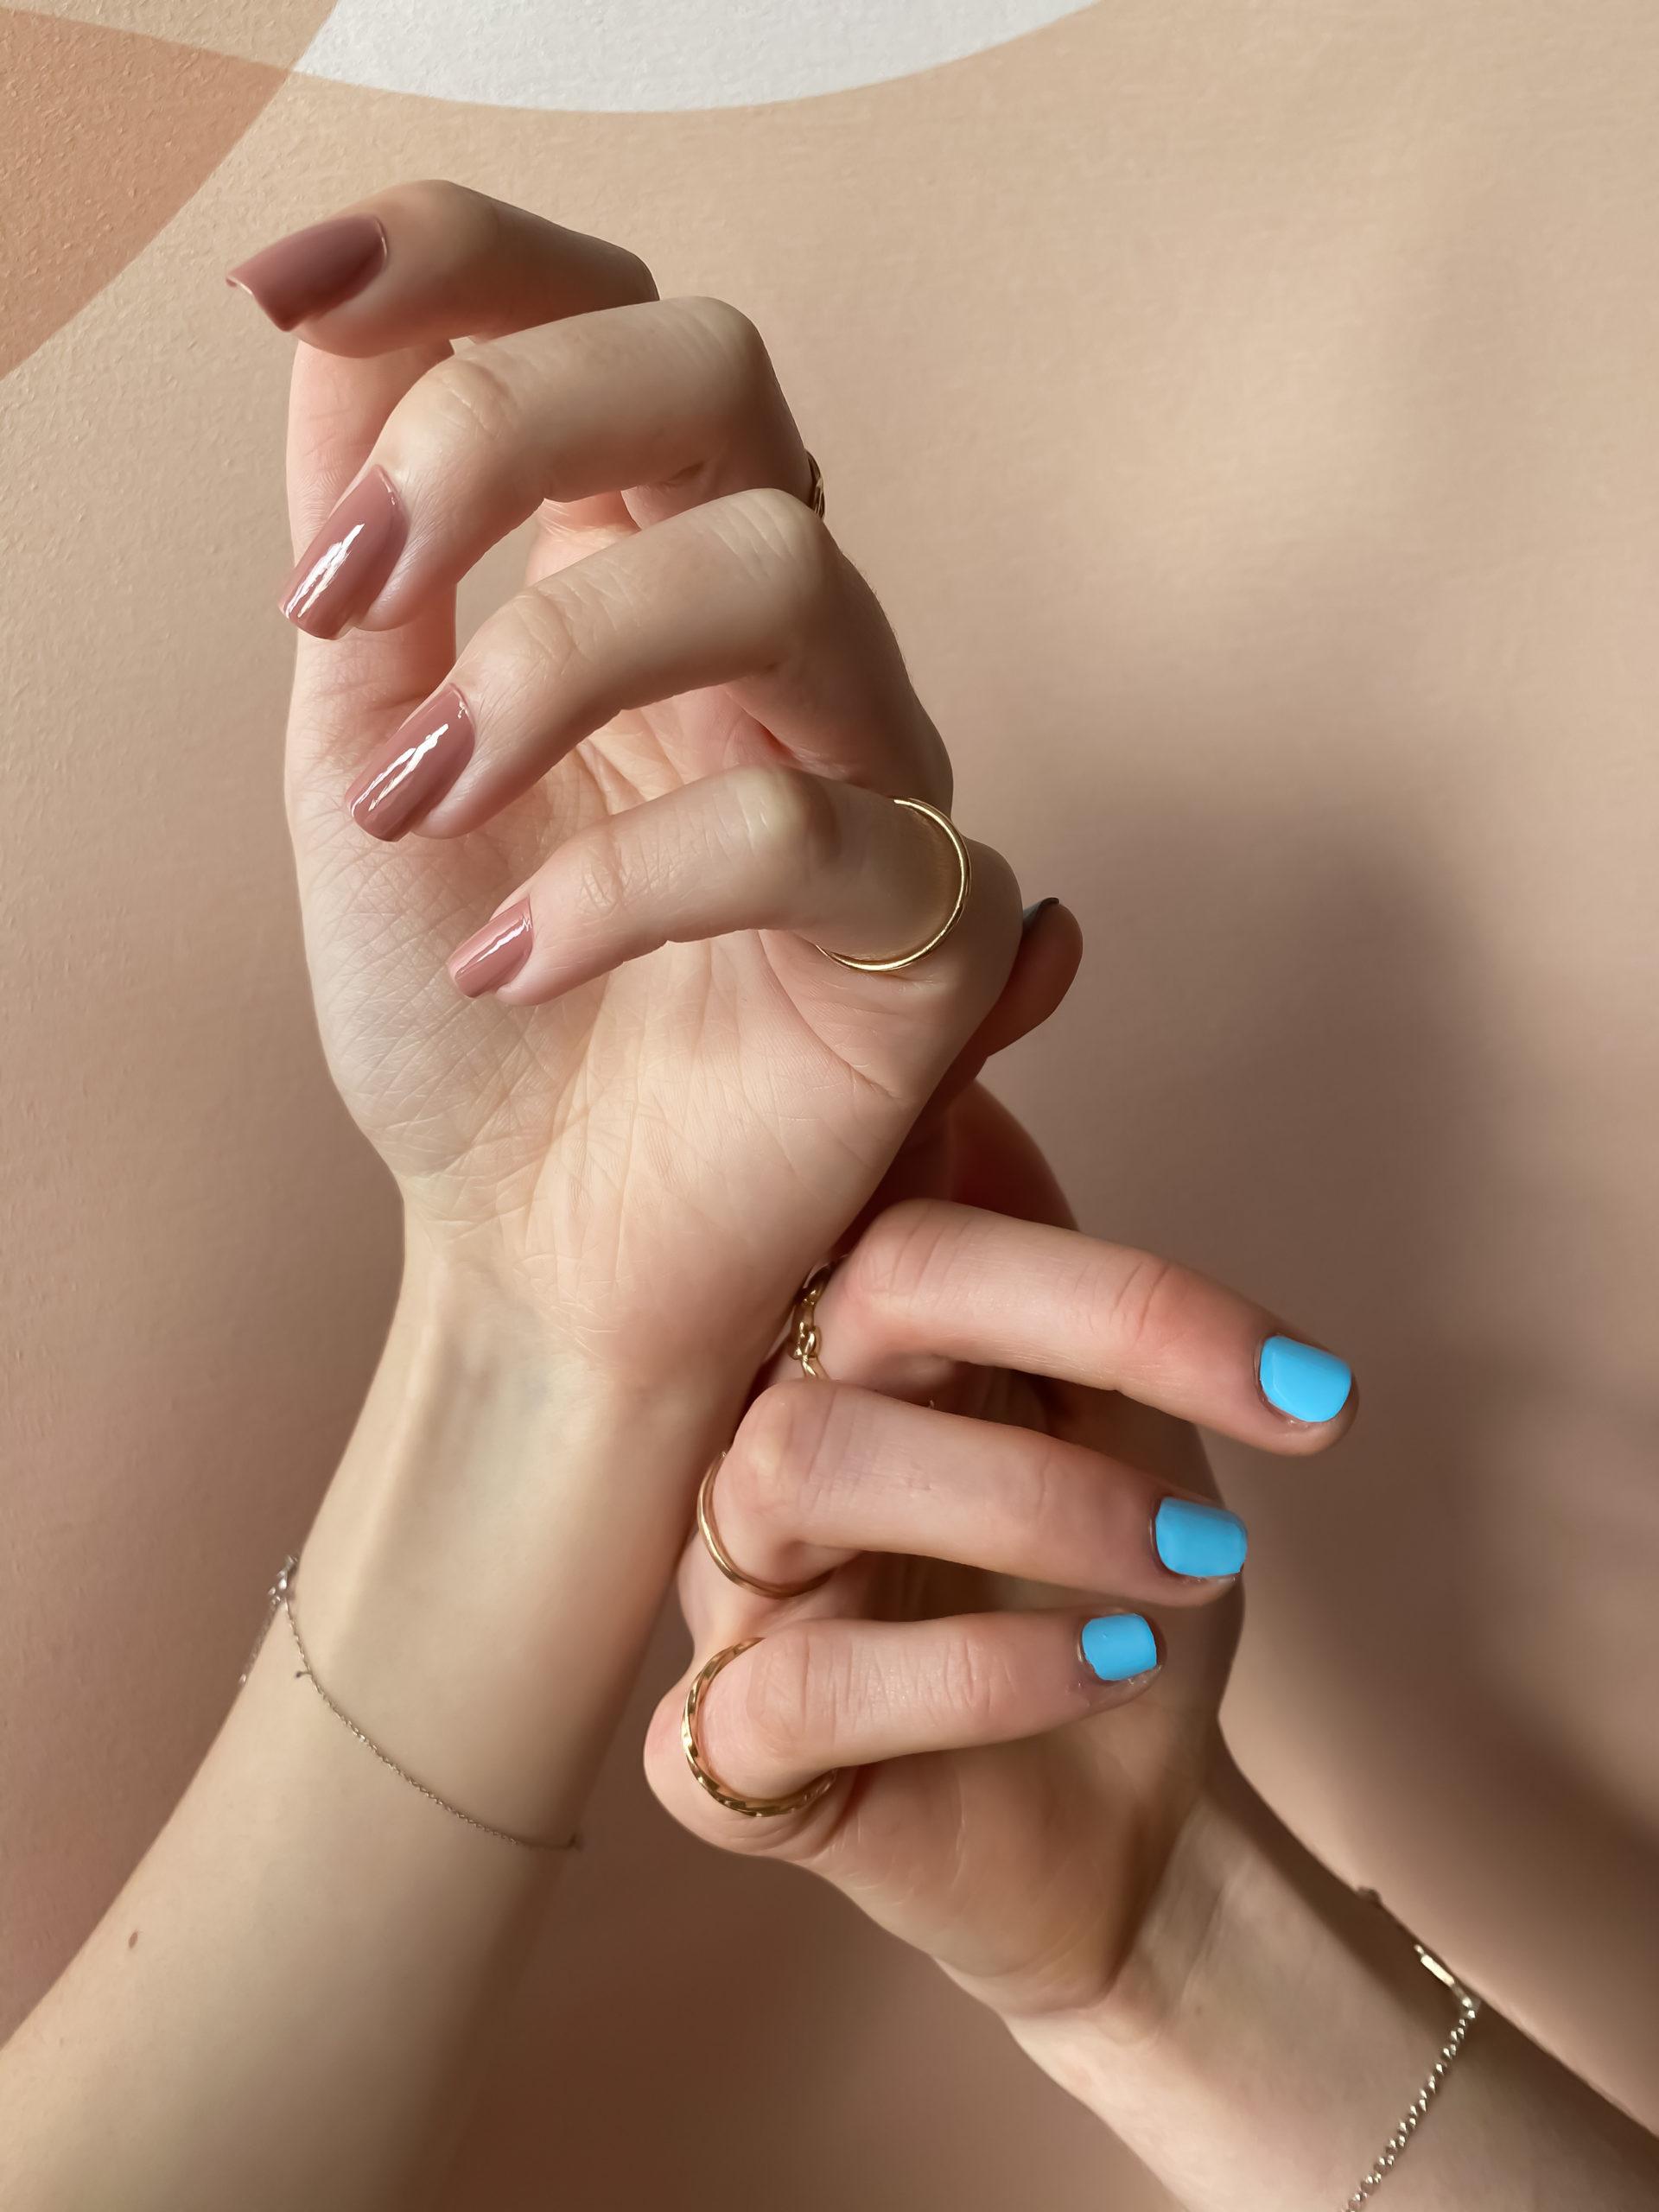 2 couleurs de la marque de vernis à ongles vegan 23Beauty Paris. Le rose nude, Little Tokyo et le bleu ciel, Séoul Sky